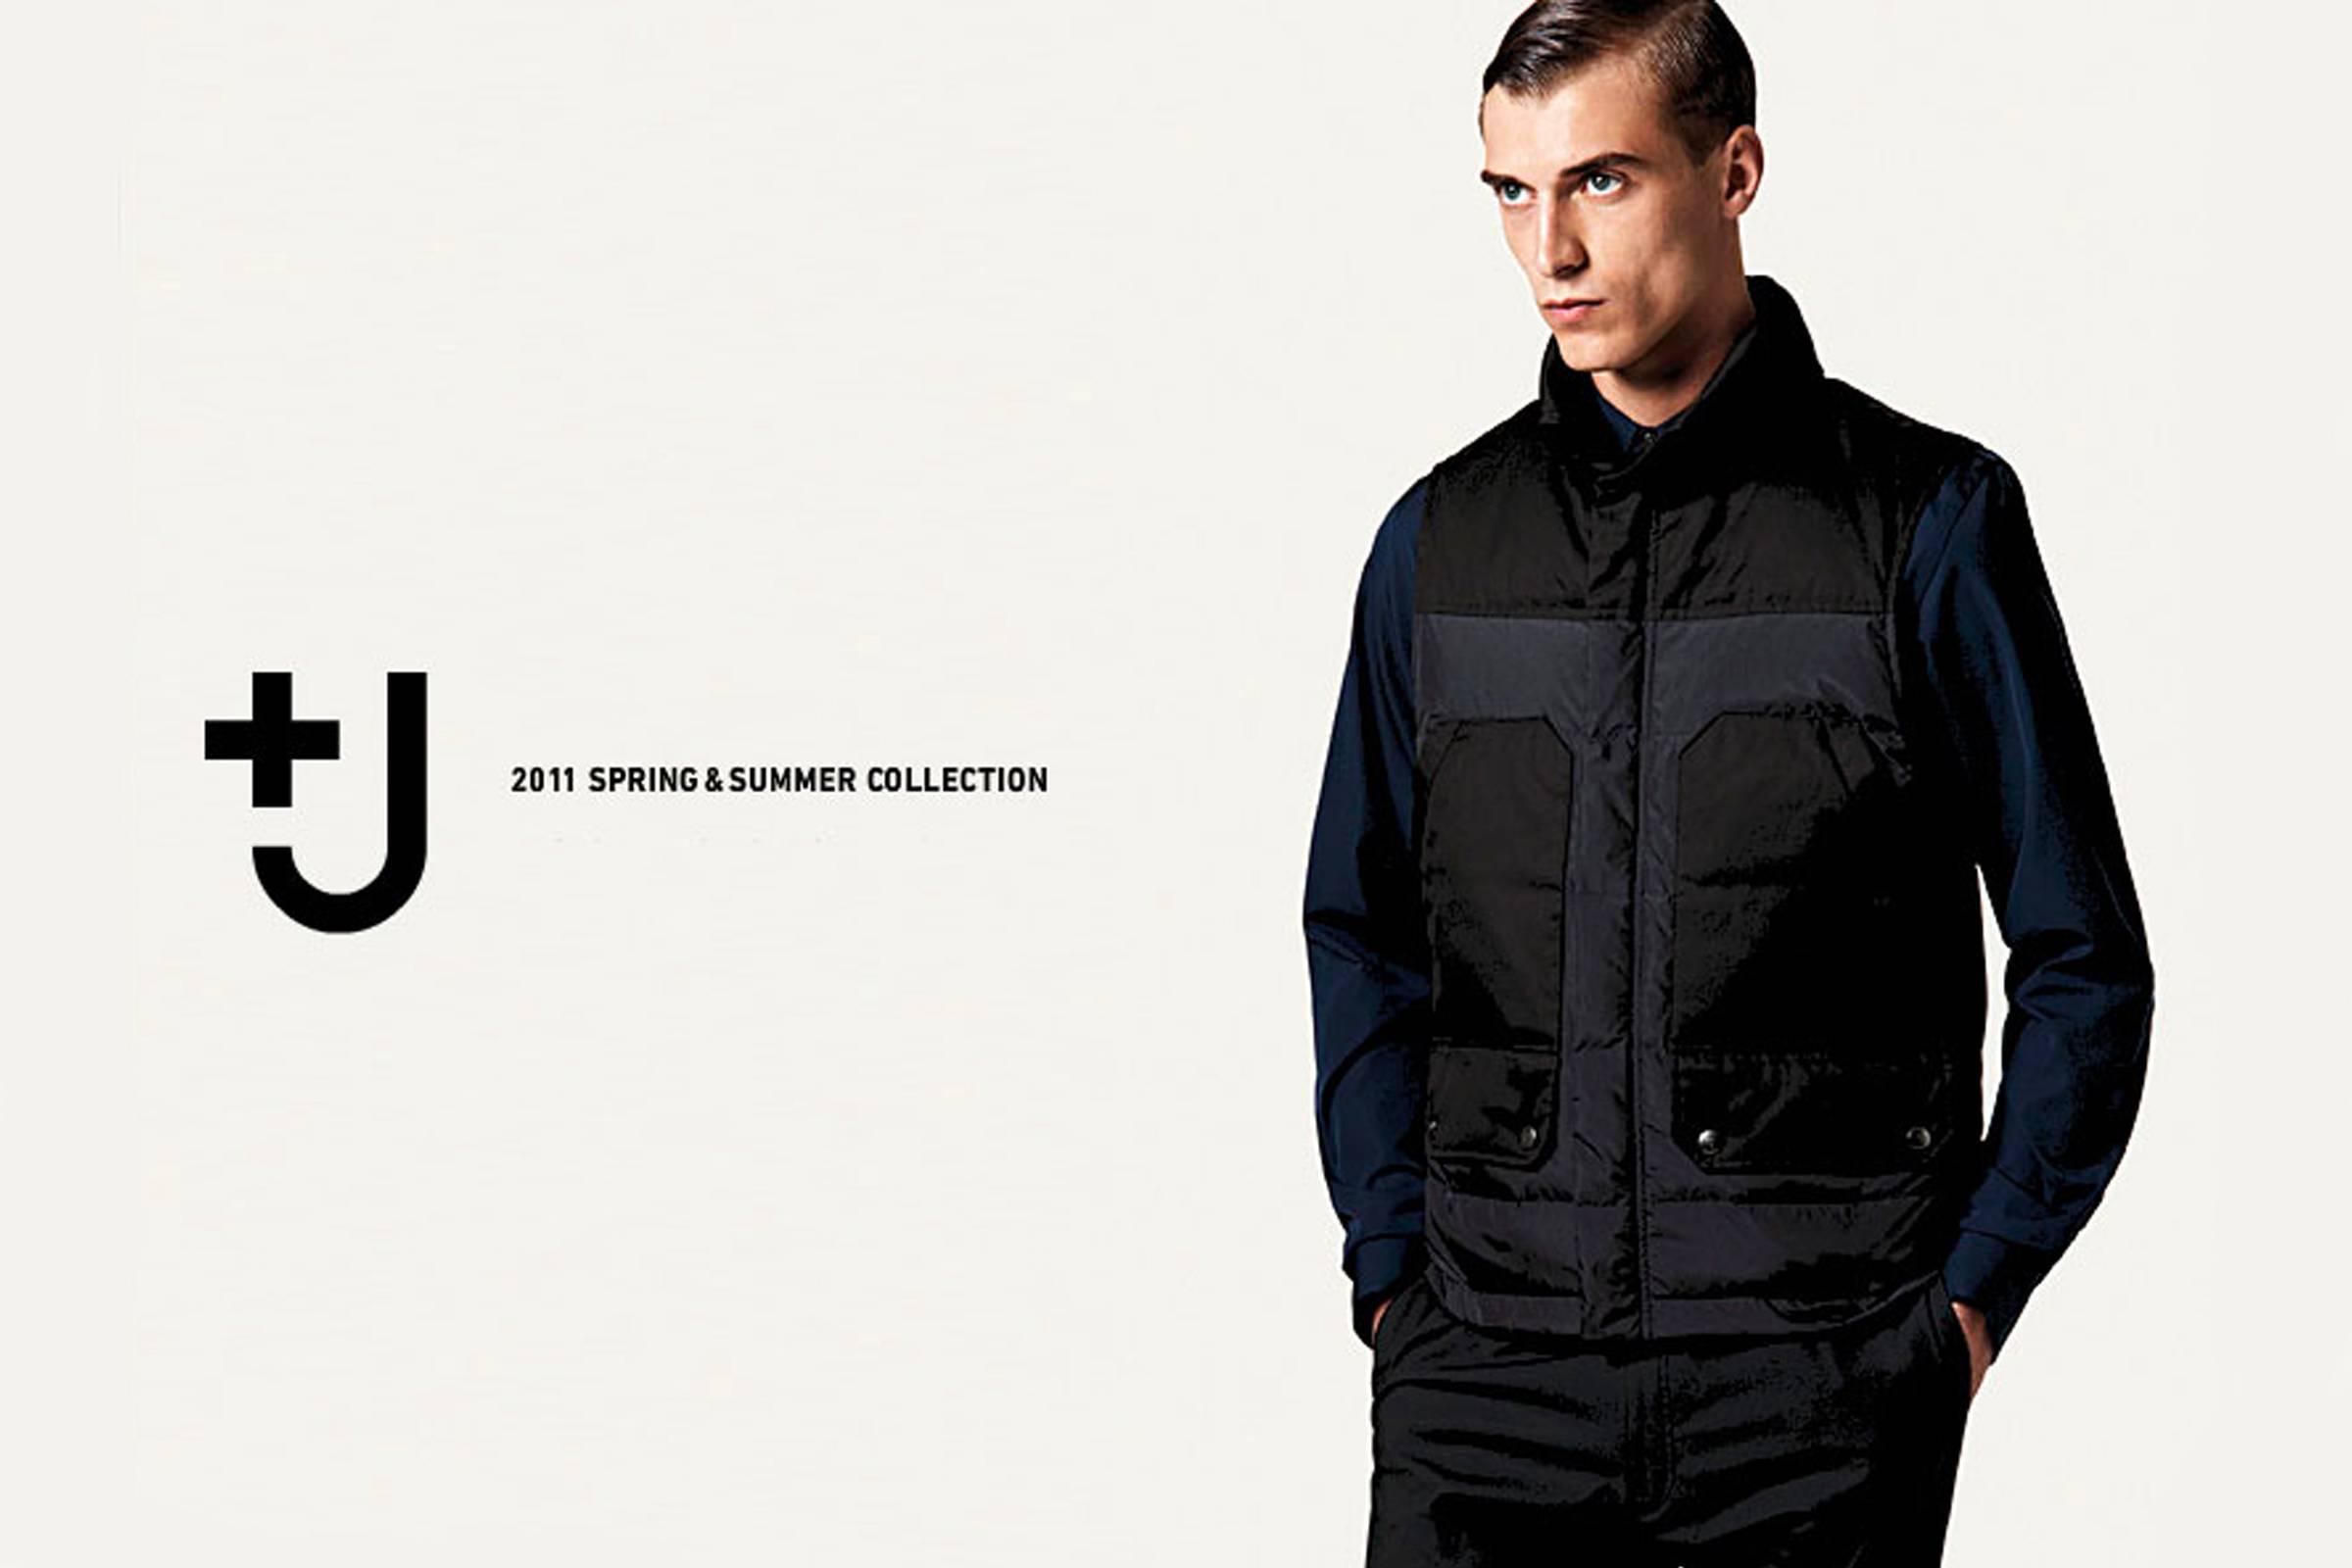 Реклама коллекции Uniqlo +J Весна/Лето 2011